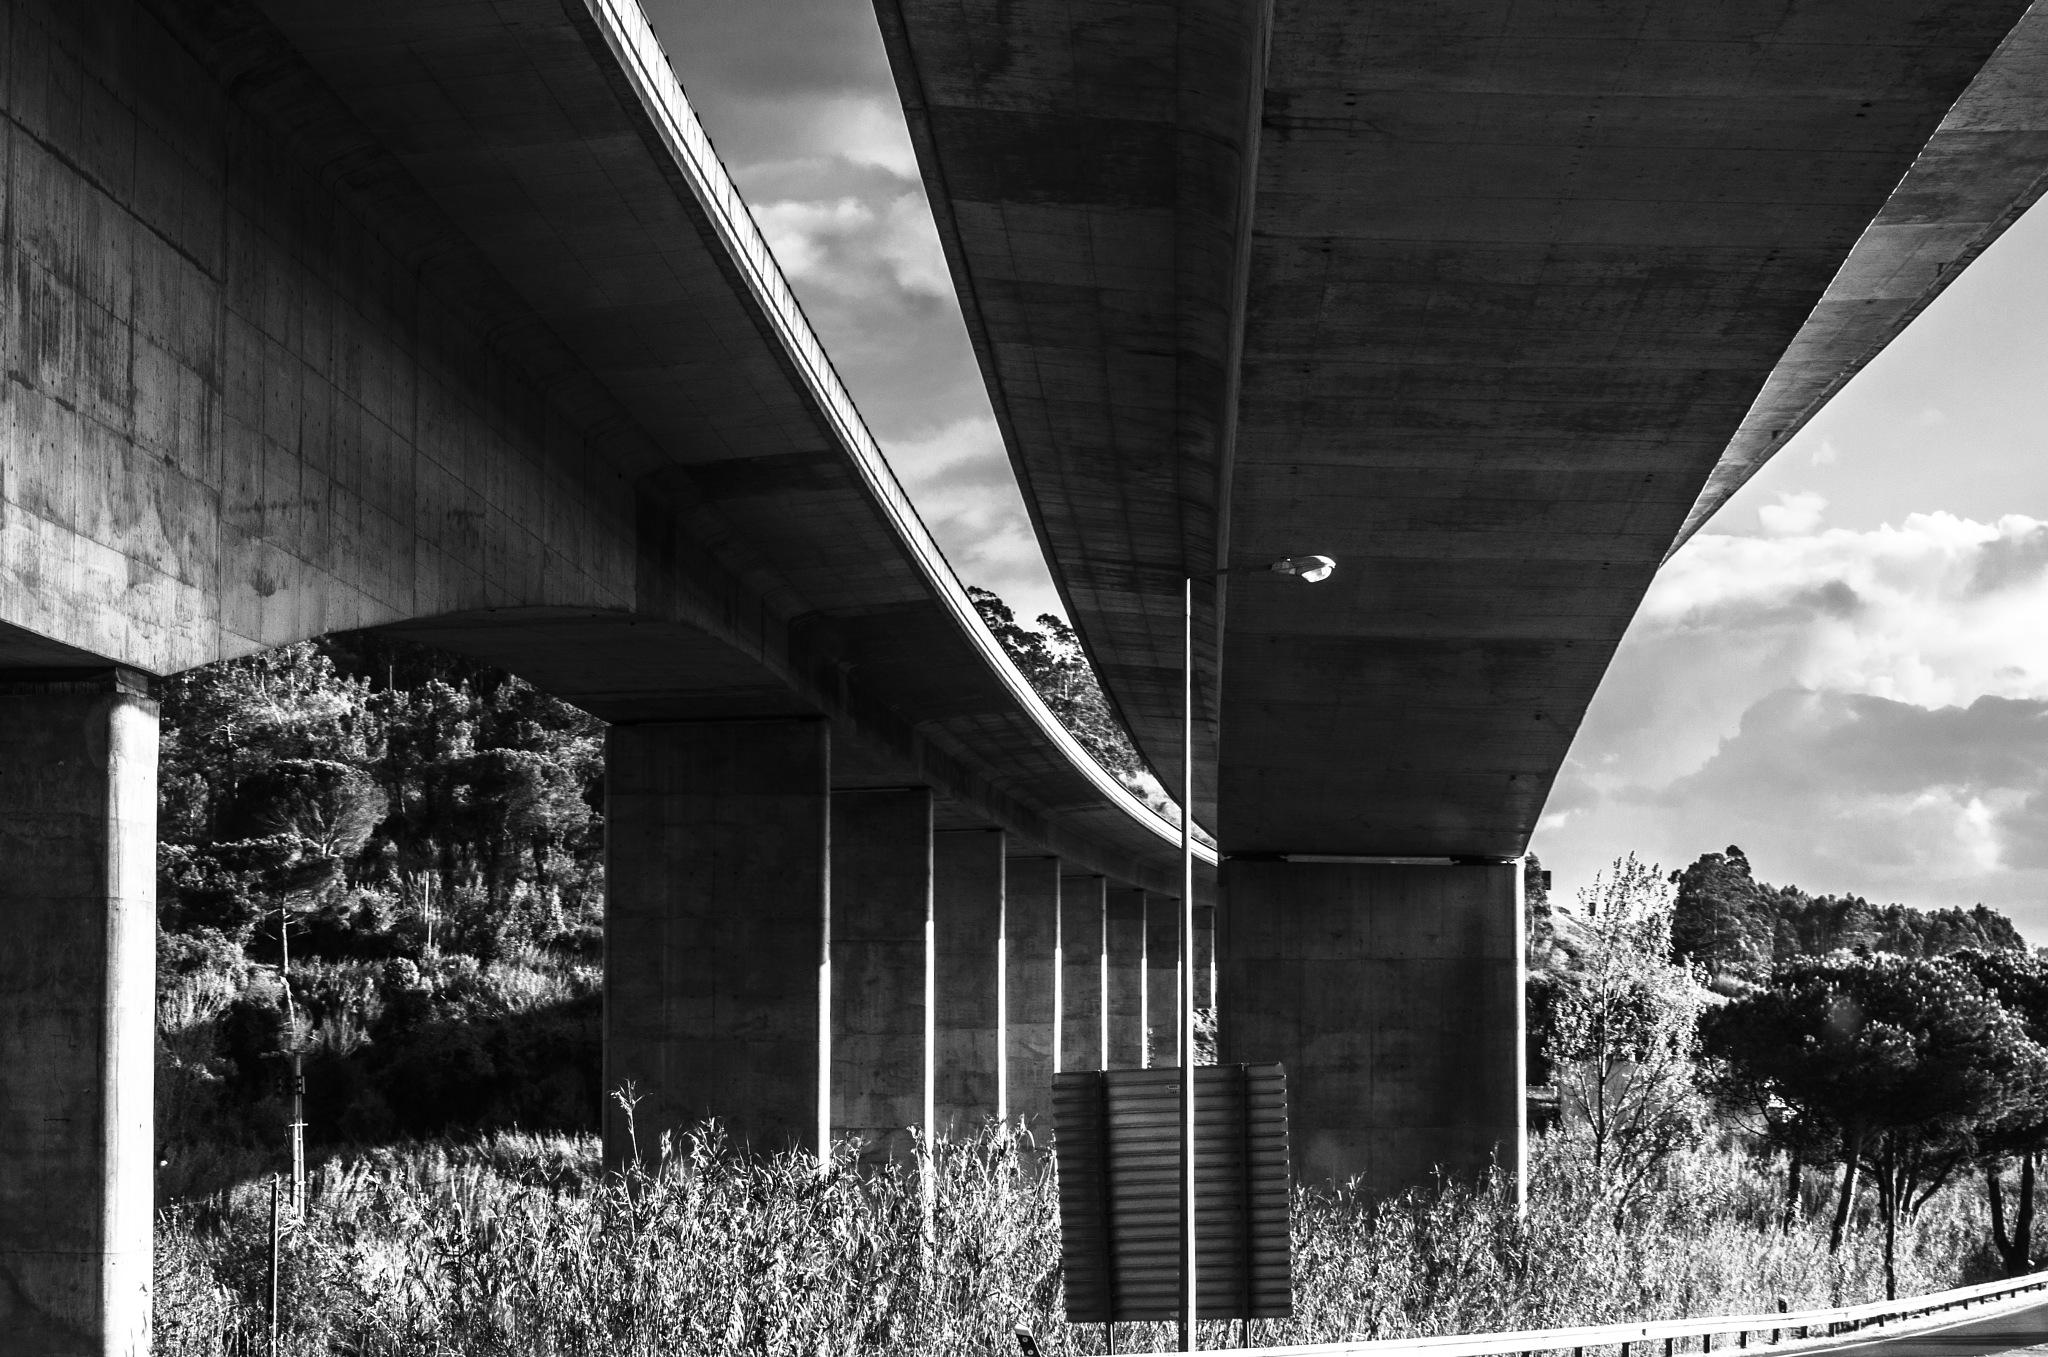 Roadway by Noemi Rosa